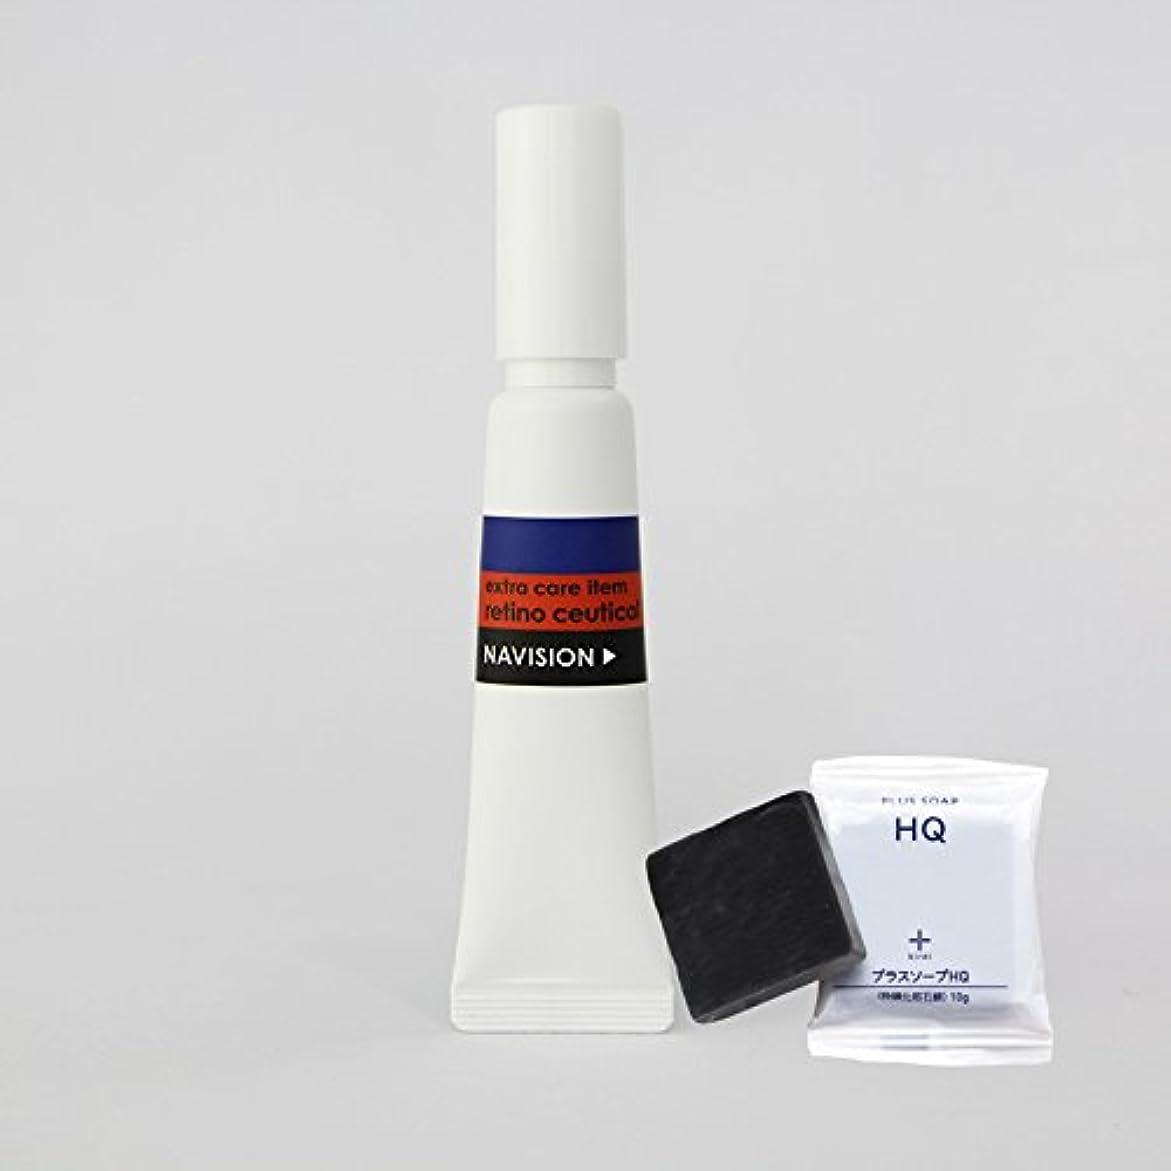 ナビジョン NAVISION レチノシューティカル 15g (医薬部外品) + プラスキレイ プラスソープHQミニ